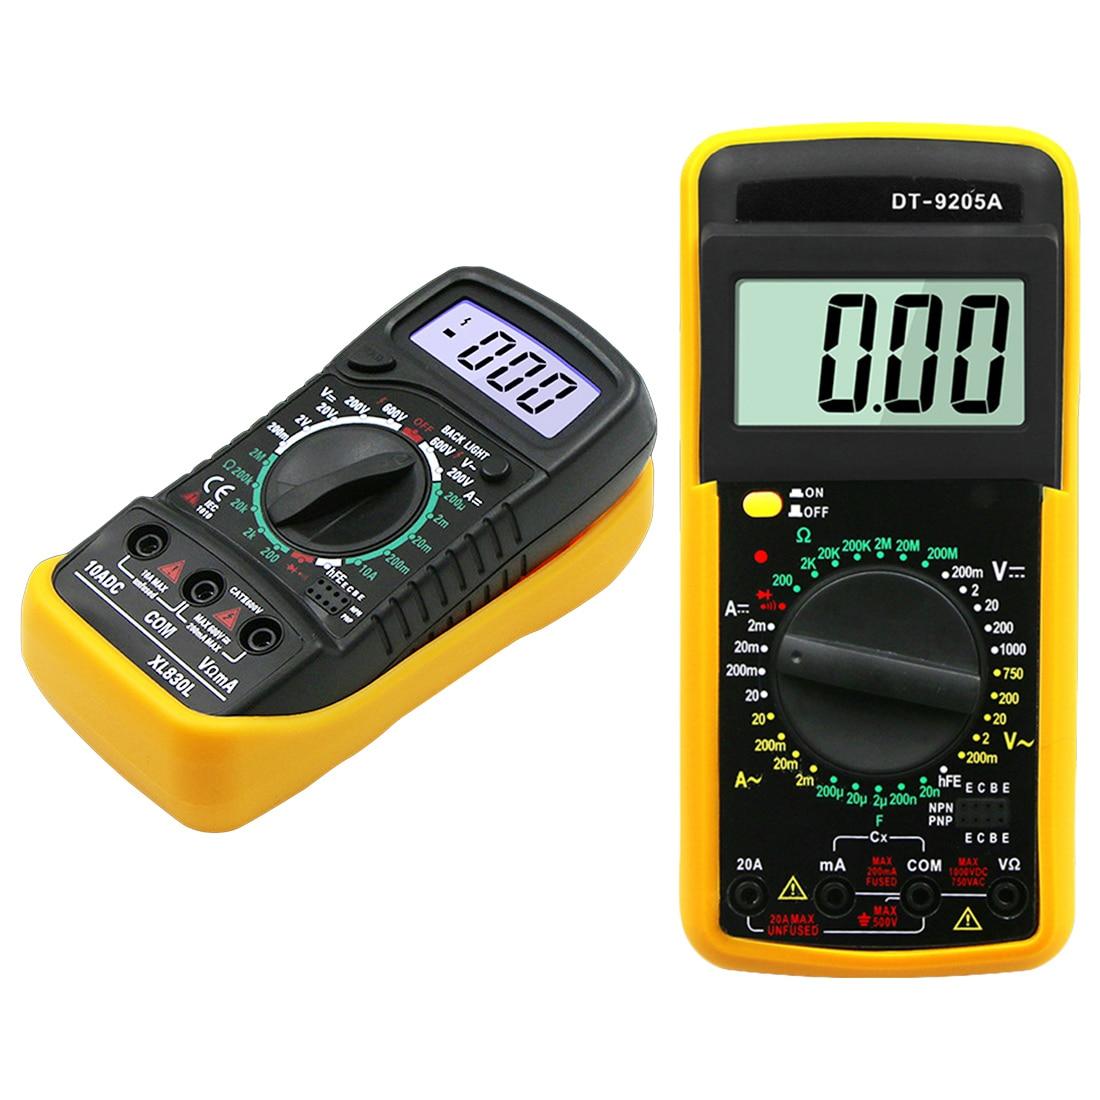 LCD Multimer Digital Multimeter Hintergrundbeleuchtung AC/DC Amperemeter Voltmeter Ohm Tester Meter XL830L/DT-9205A Handheld